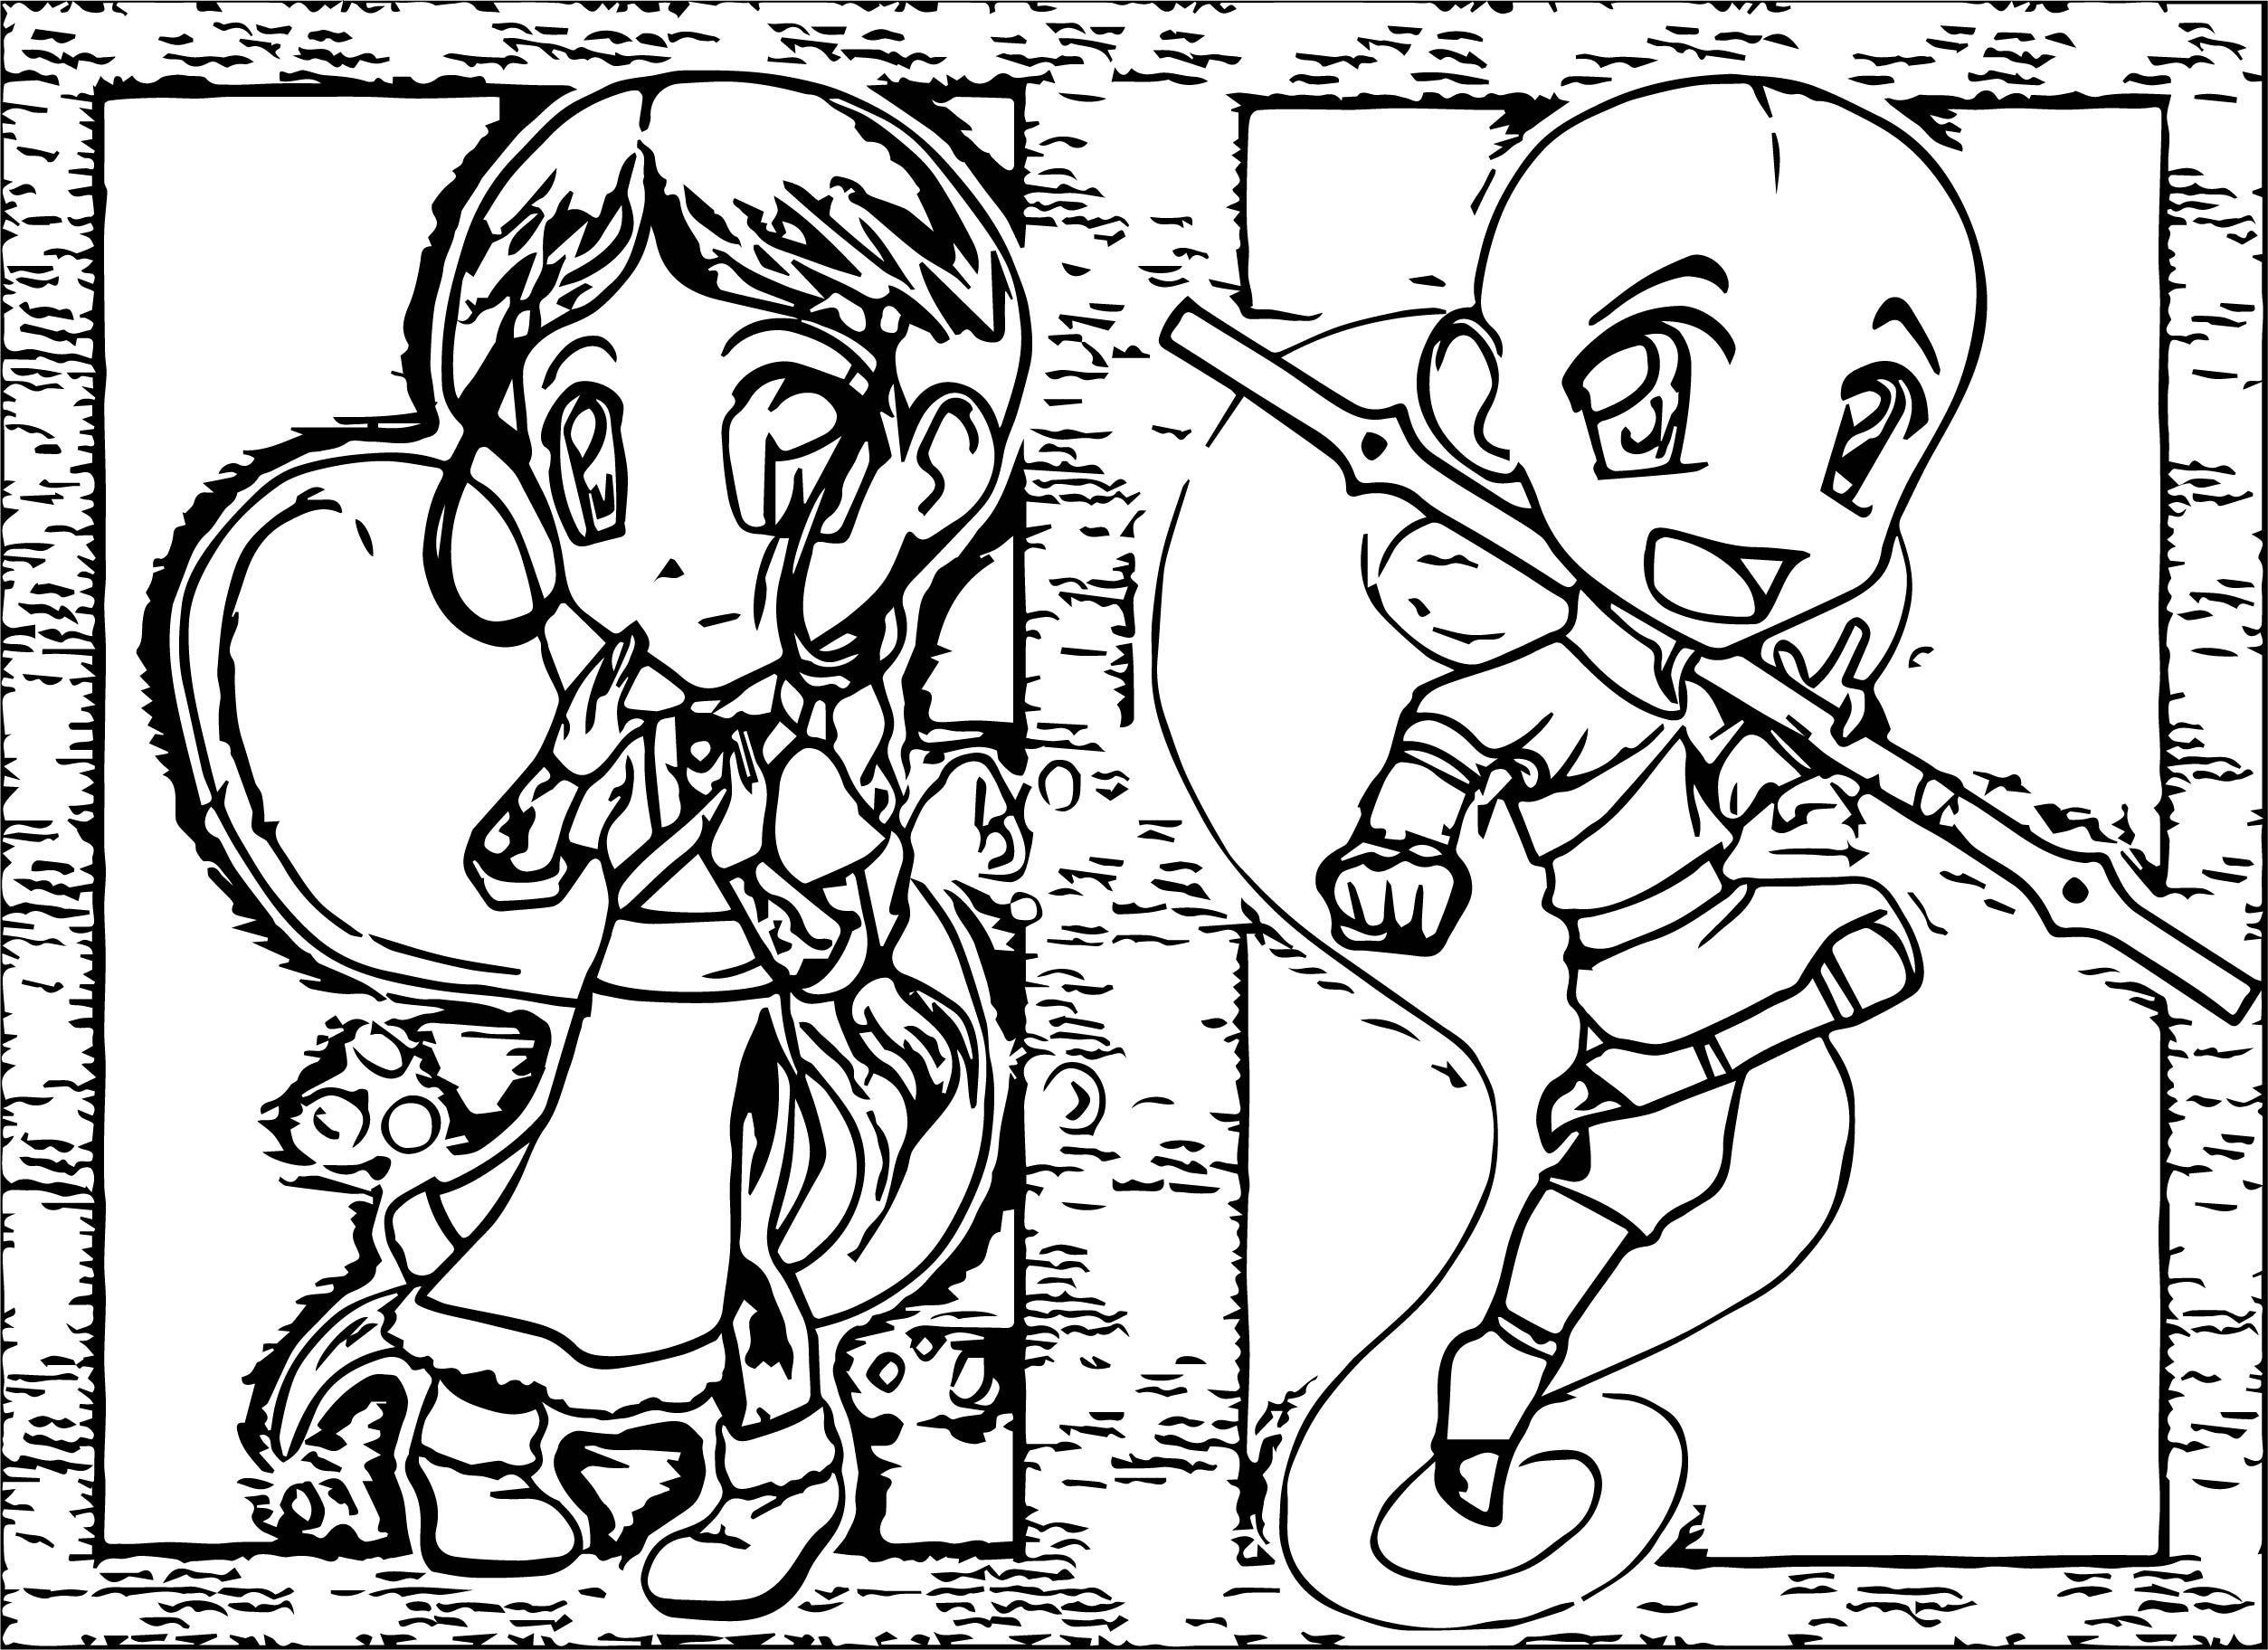 Nice Aang And Katara Chibis Guardianyashu Avatar Aang Coloring Page Avatar Aang Cartoon Coloring Pages Princess Coloring Pages